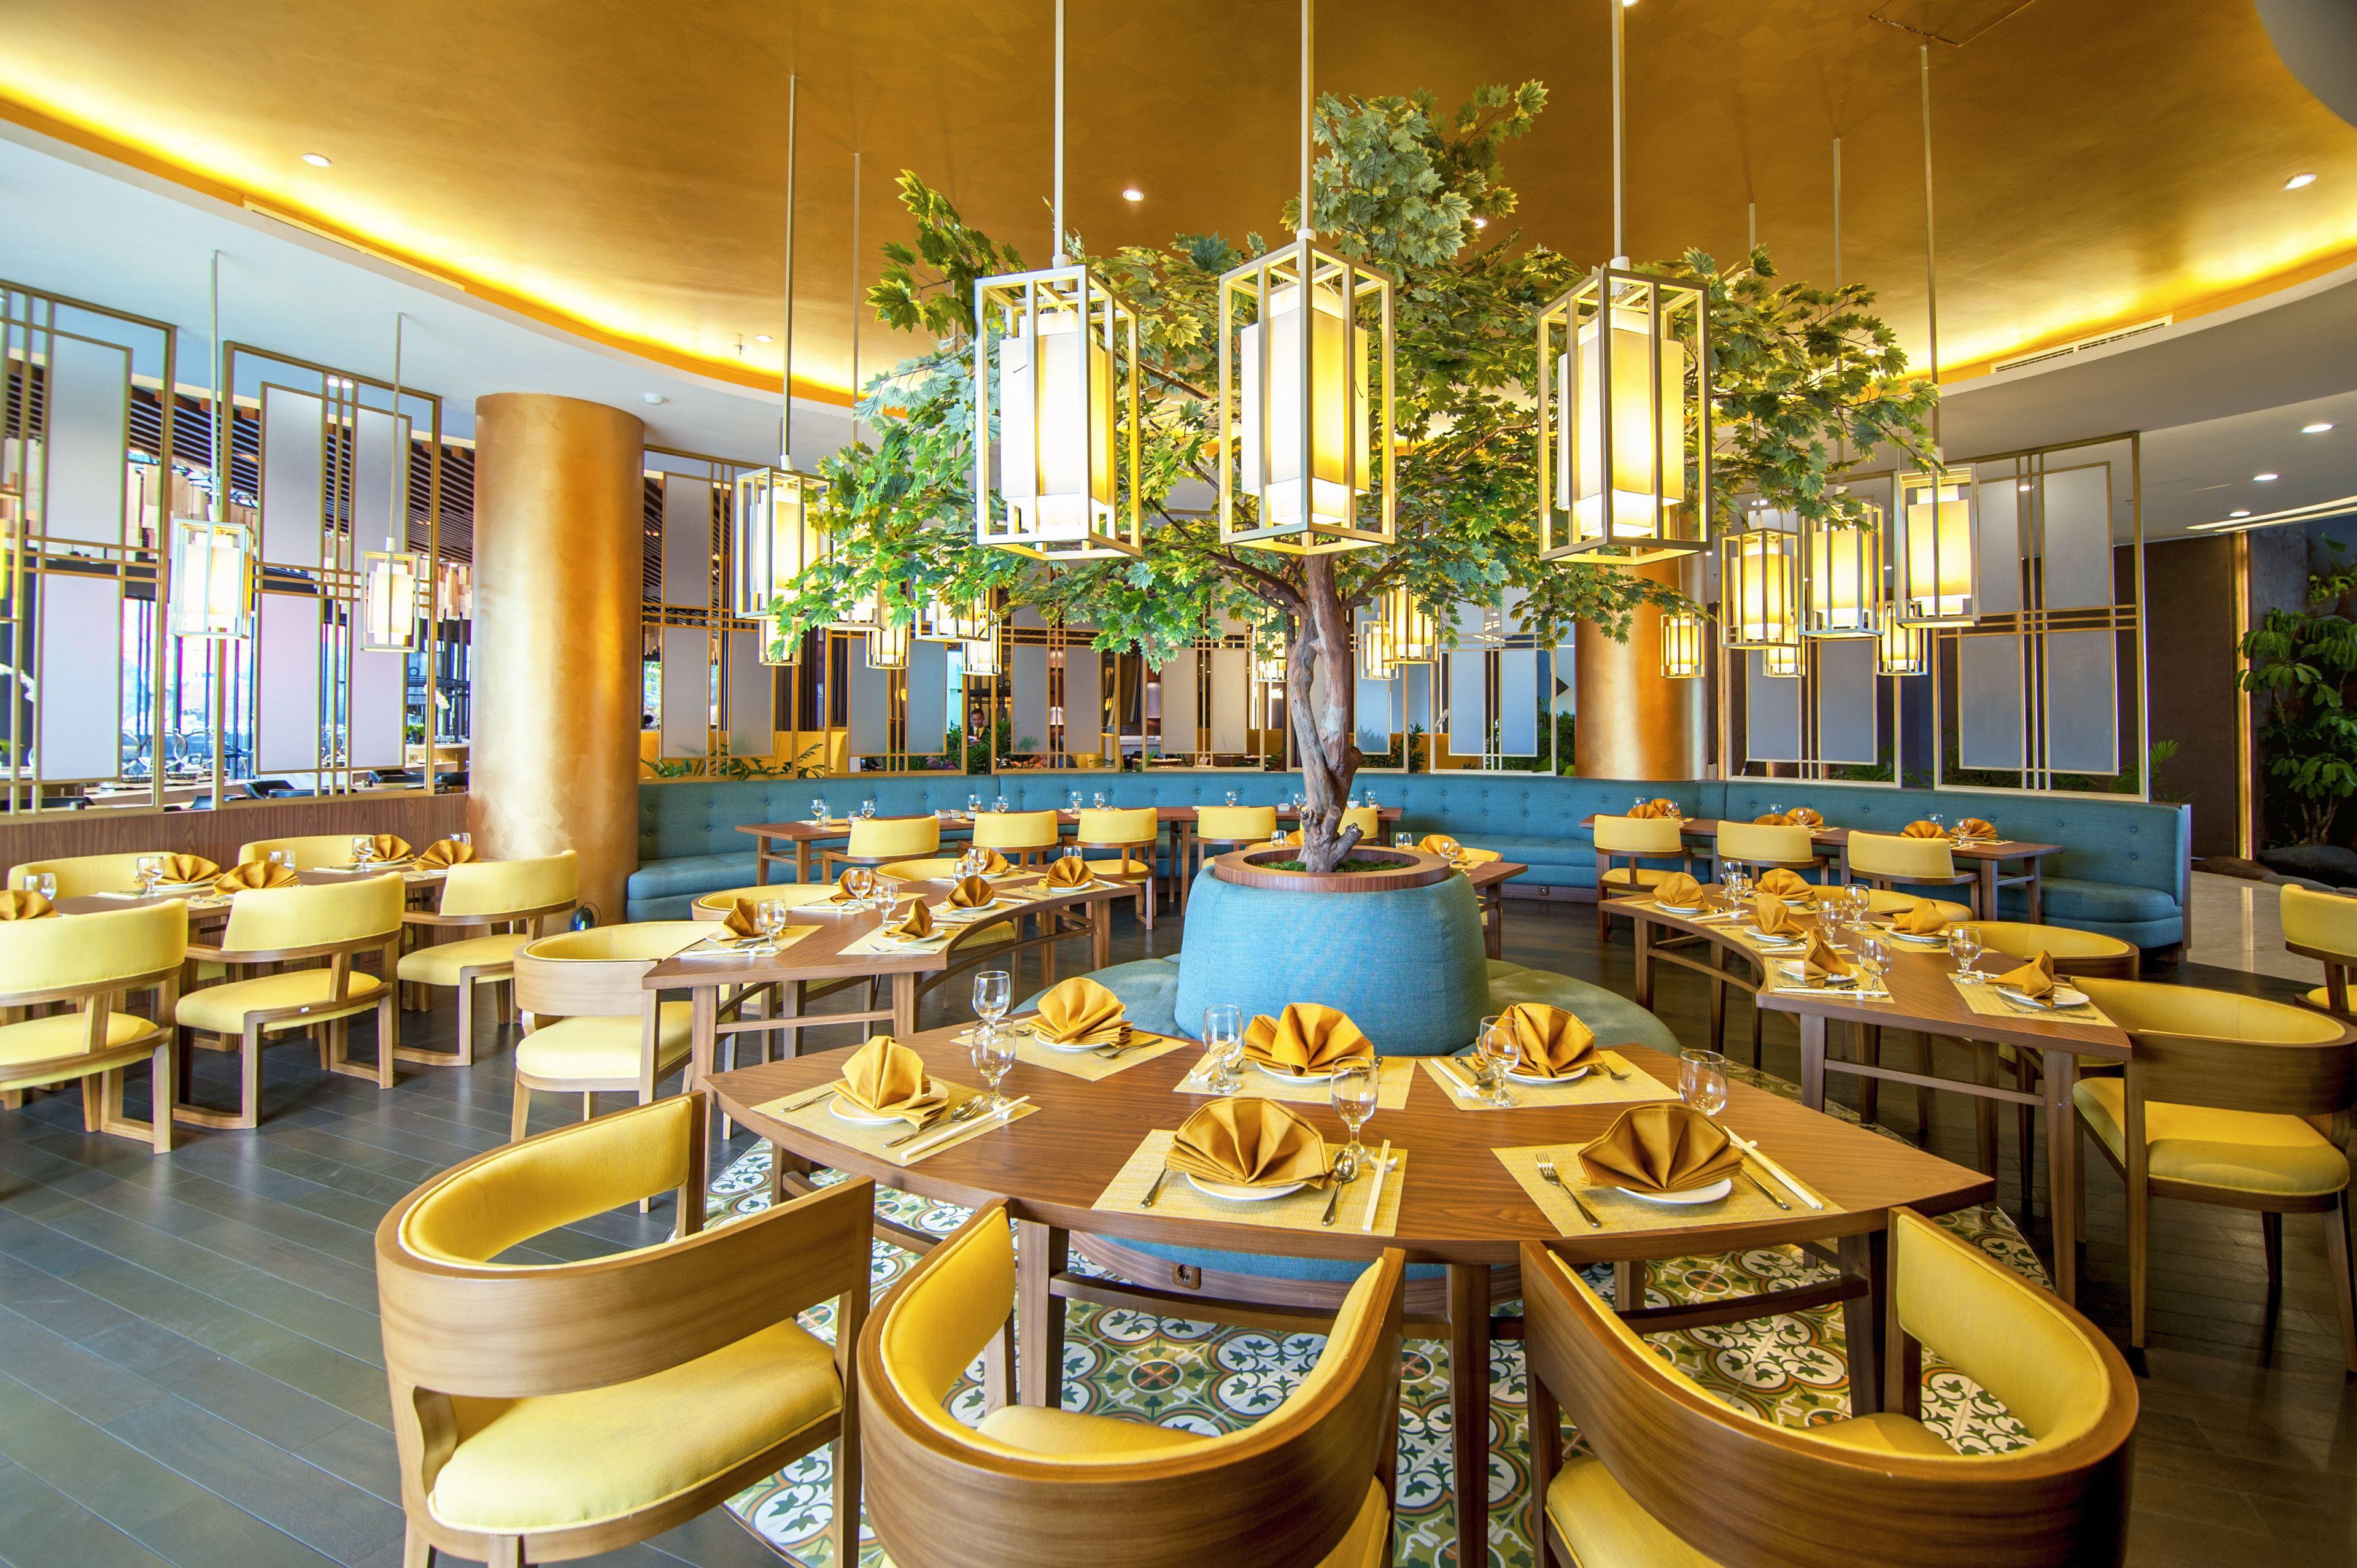 Courtesy of Grand Soll Marina Hotel / Expedia